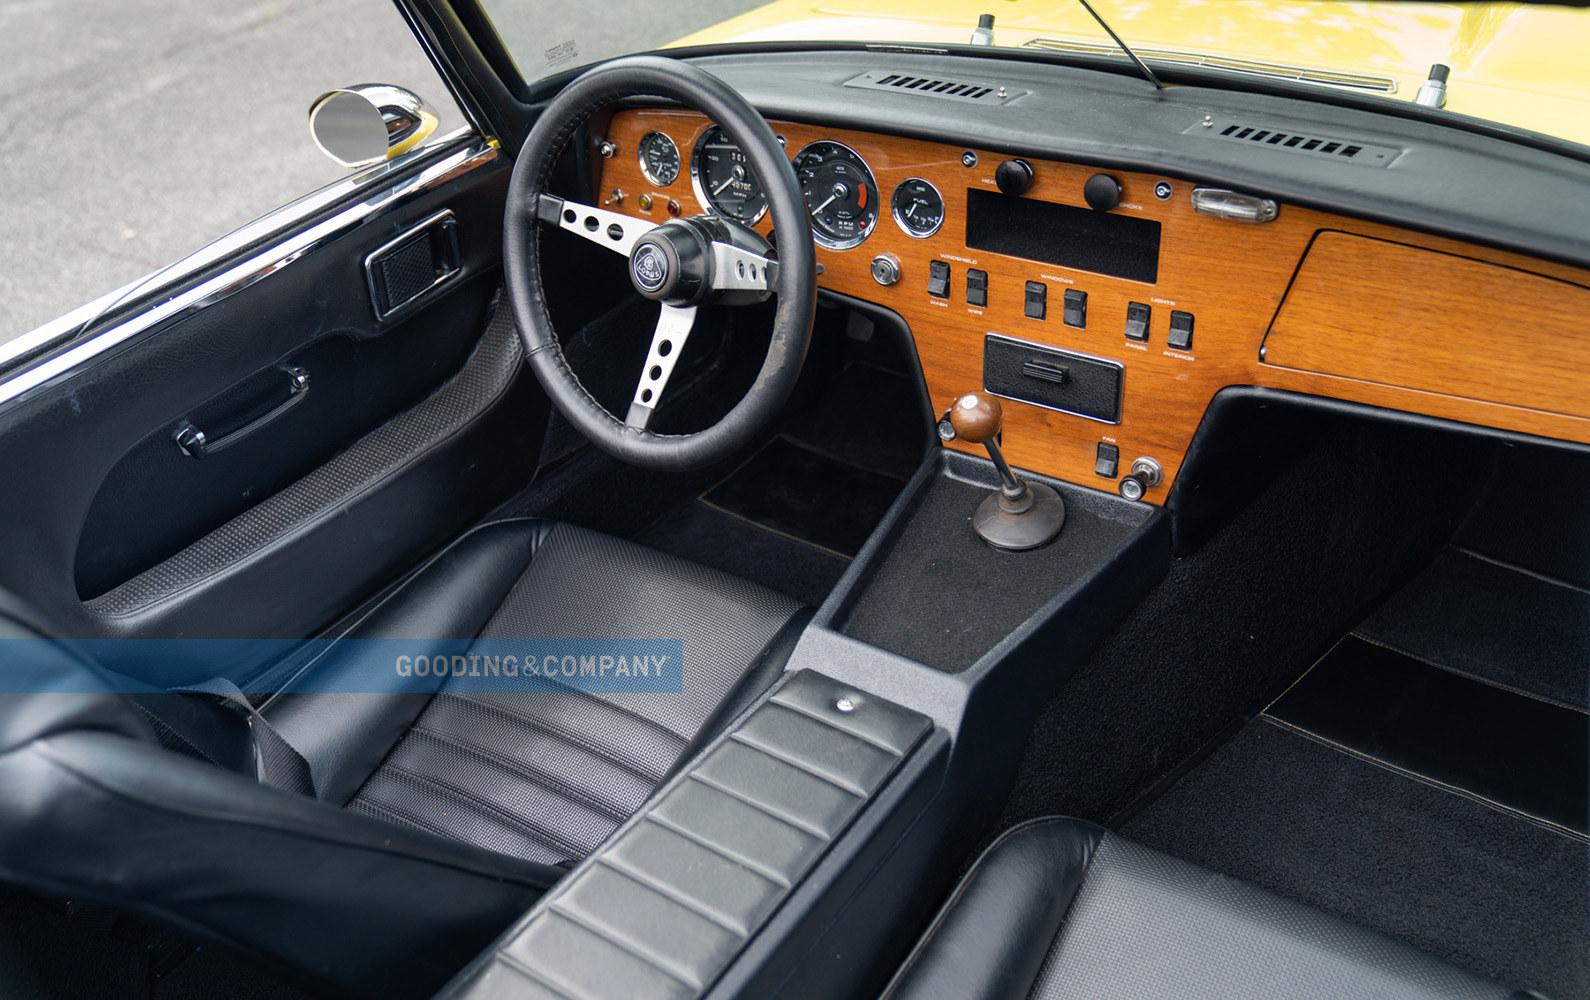 1969 Lotus Elan SE-Interior, Wood dash, black leather. Lotus Love